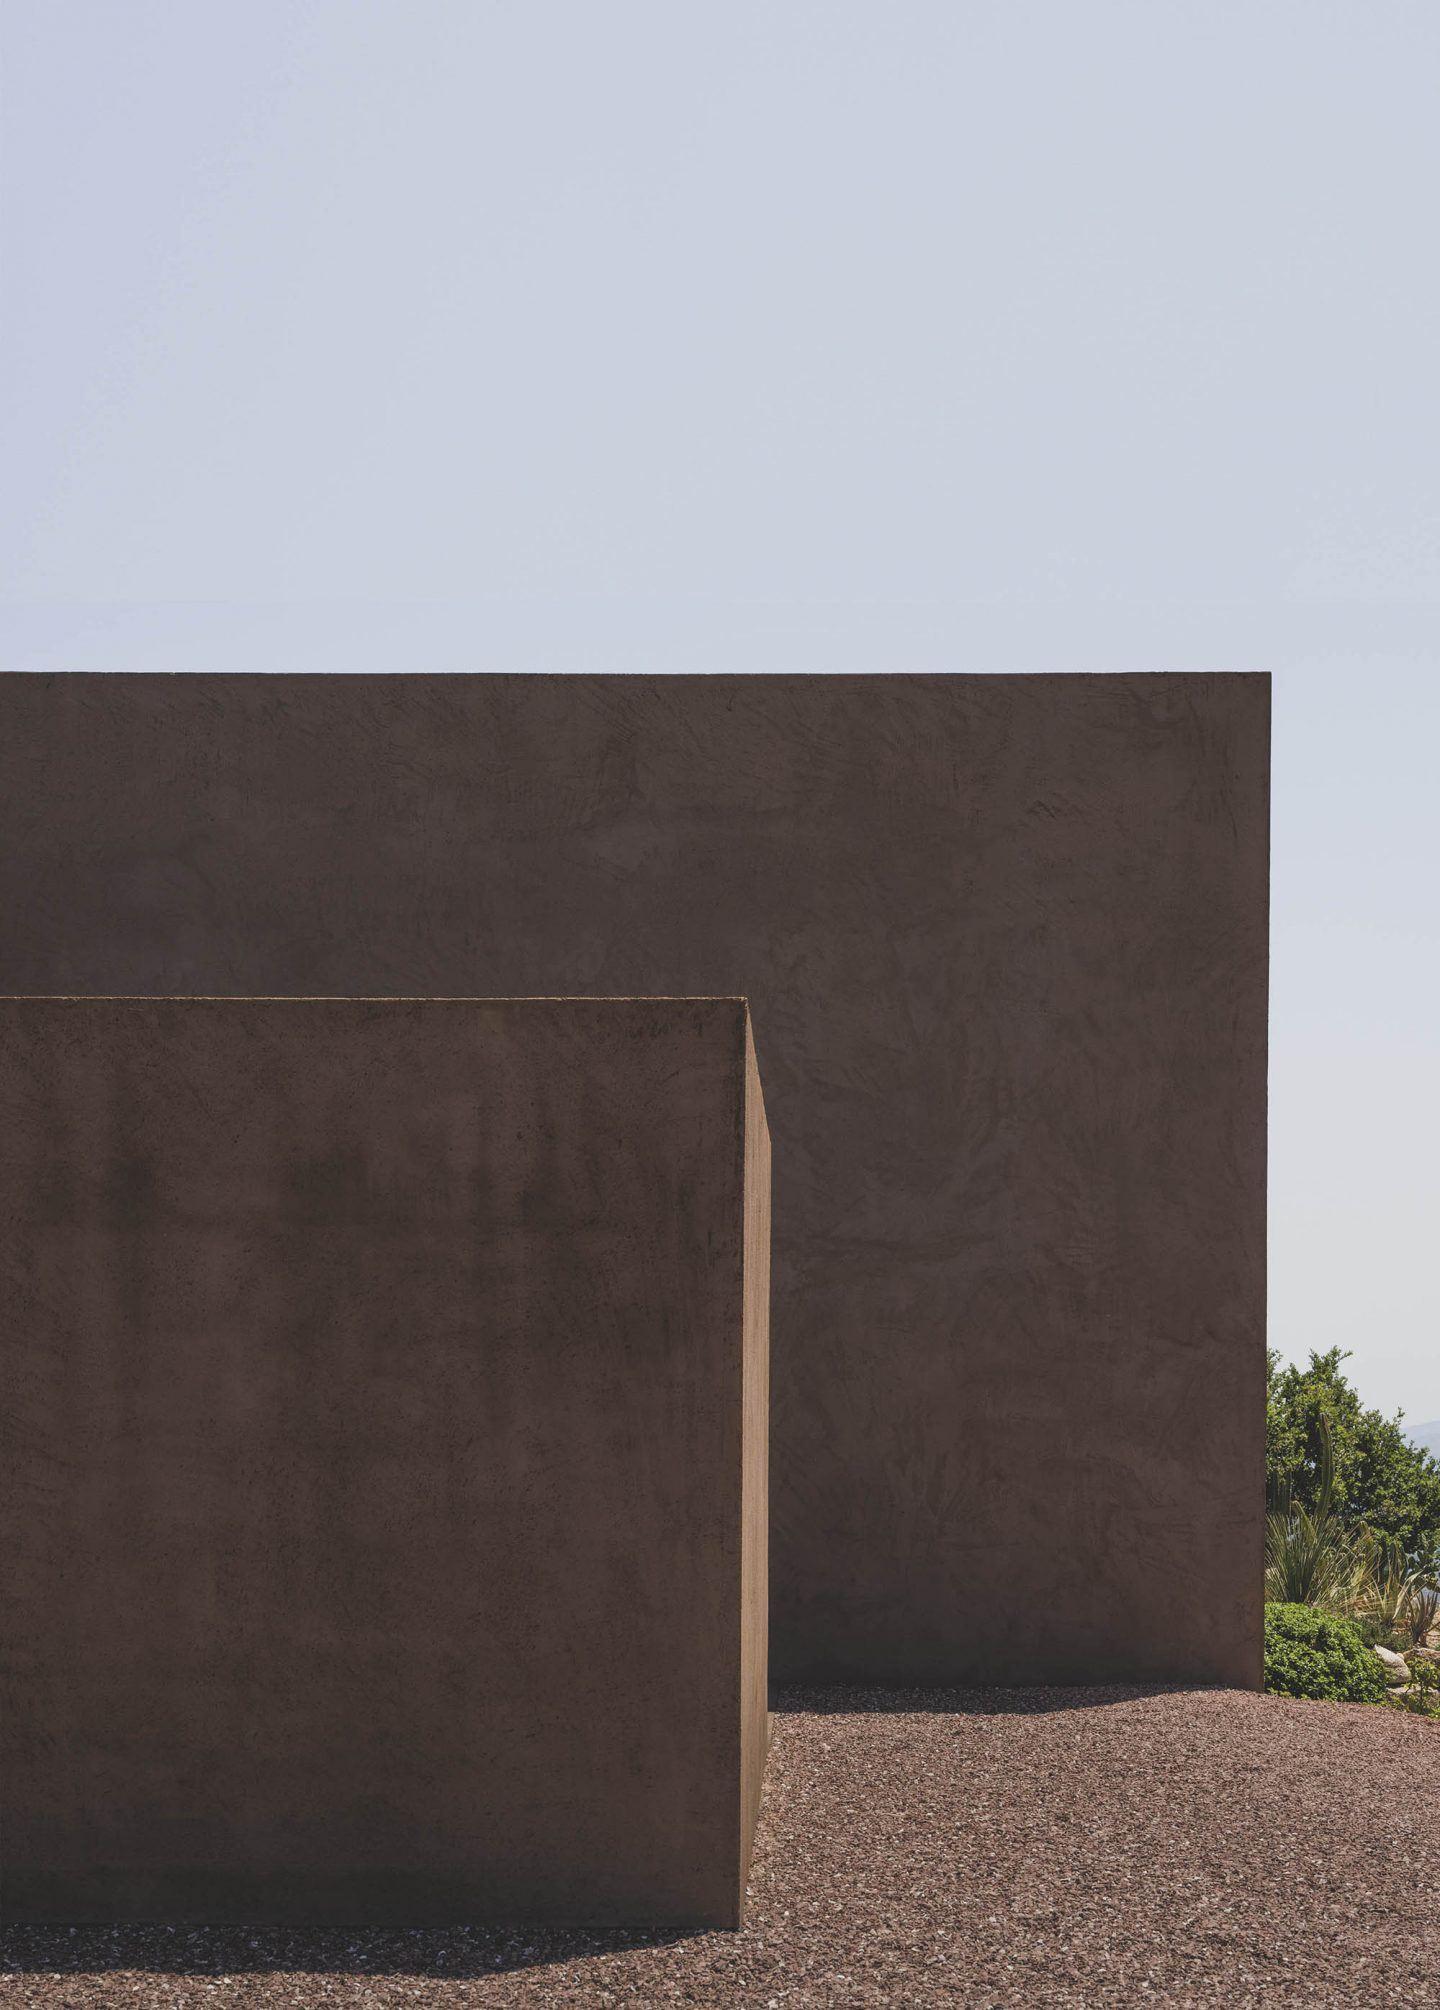 IGNANT-Architecture-Morq-Villa-Ra-6